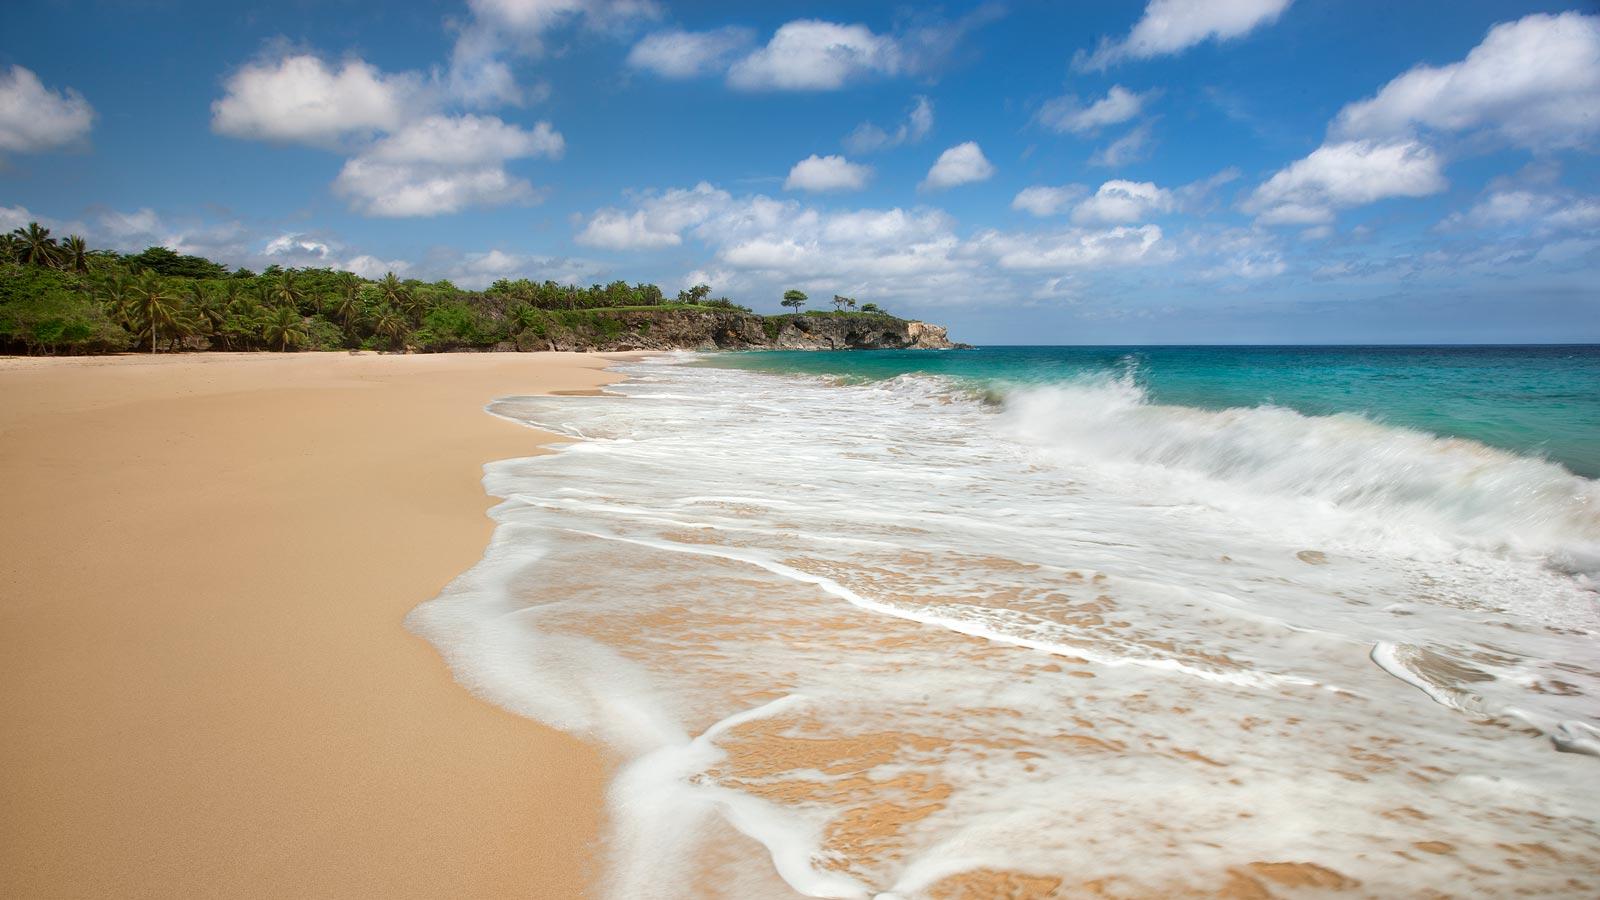 Playa Grande Wallpaper